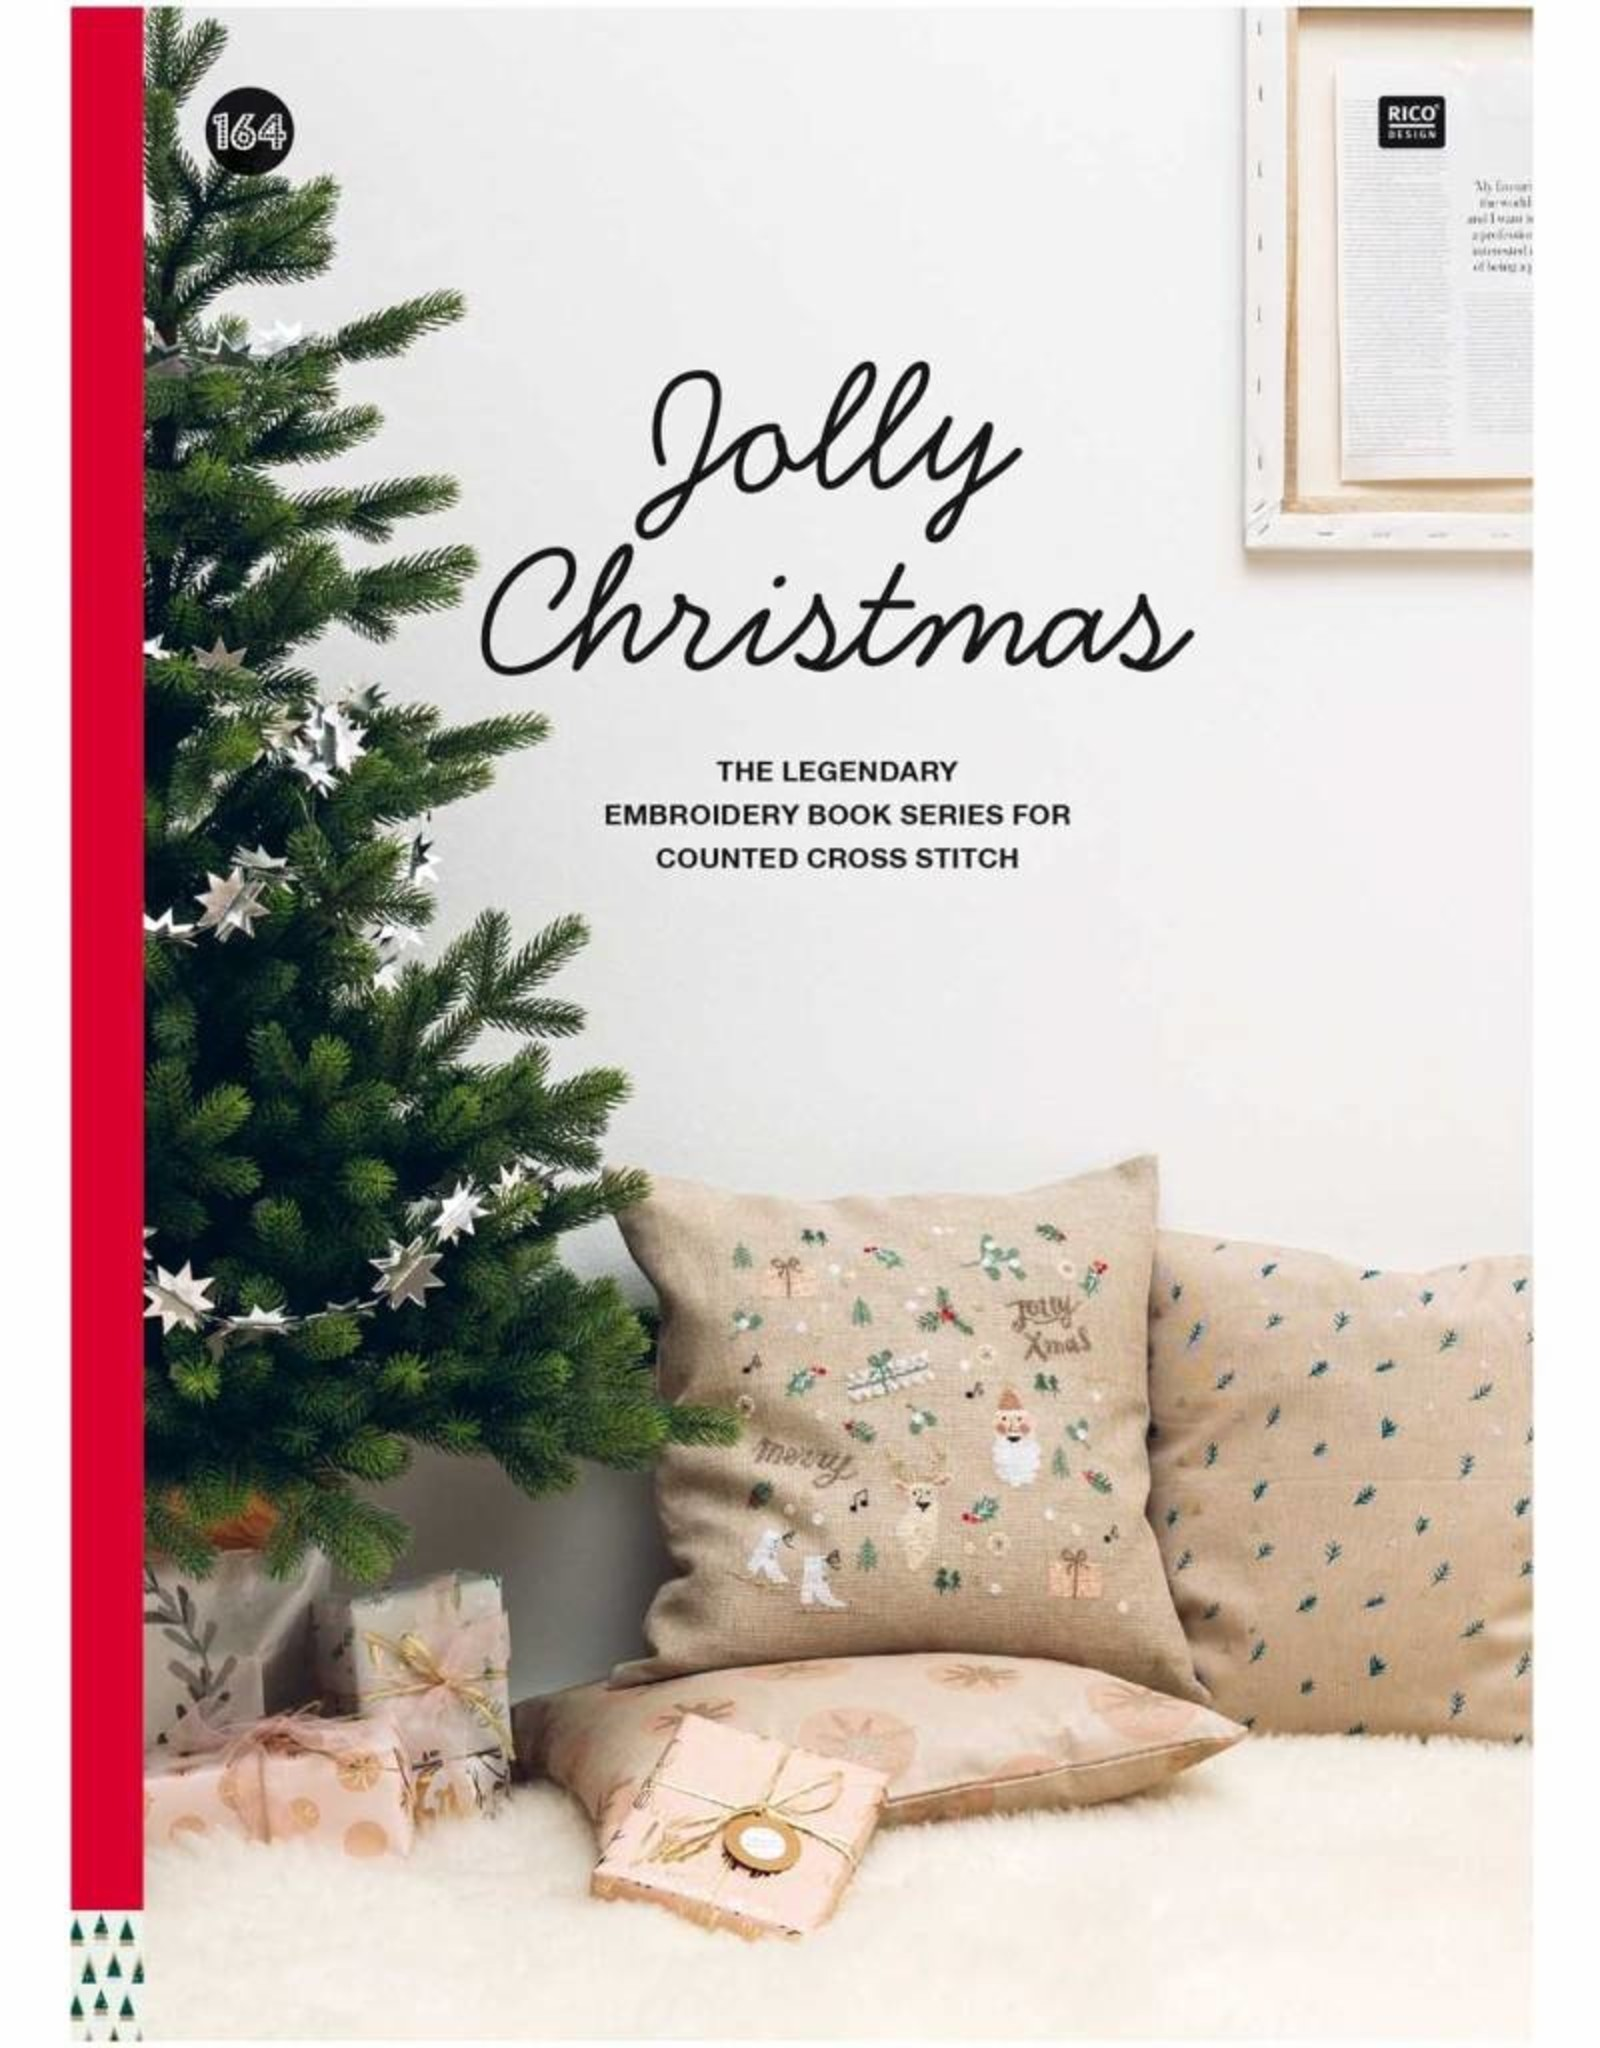 Rico Design Rico Design 164: Jolly Christmas